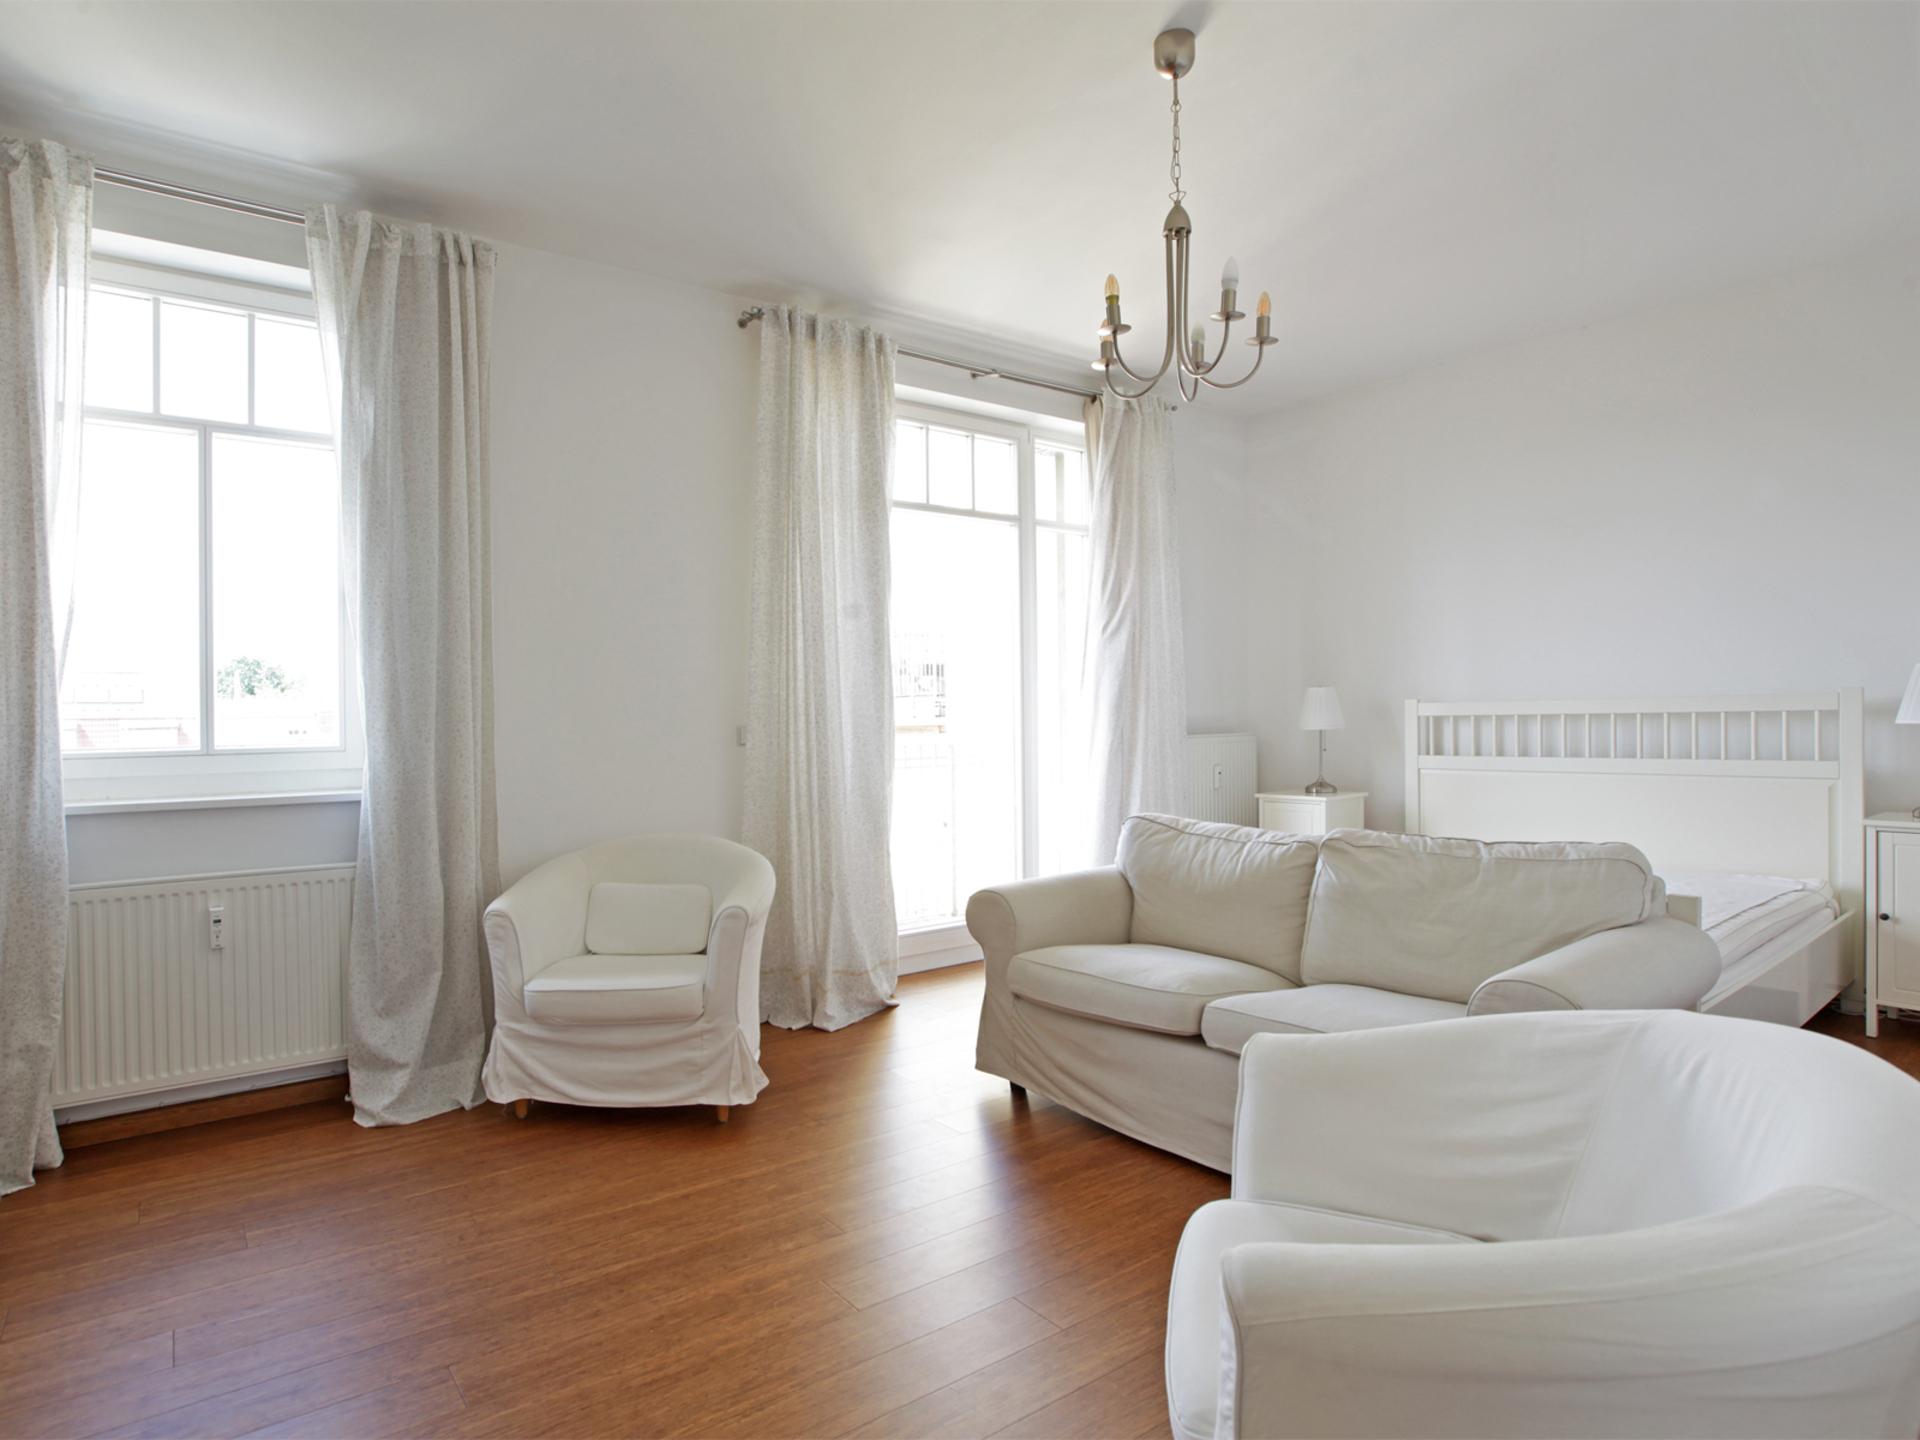 Geräumiges Schlafzimmer | Greifswalder Straße